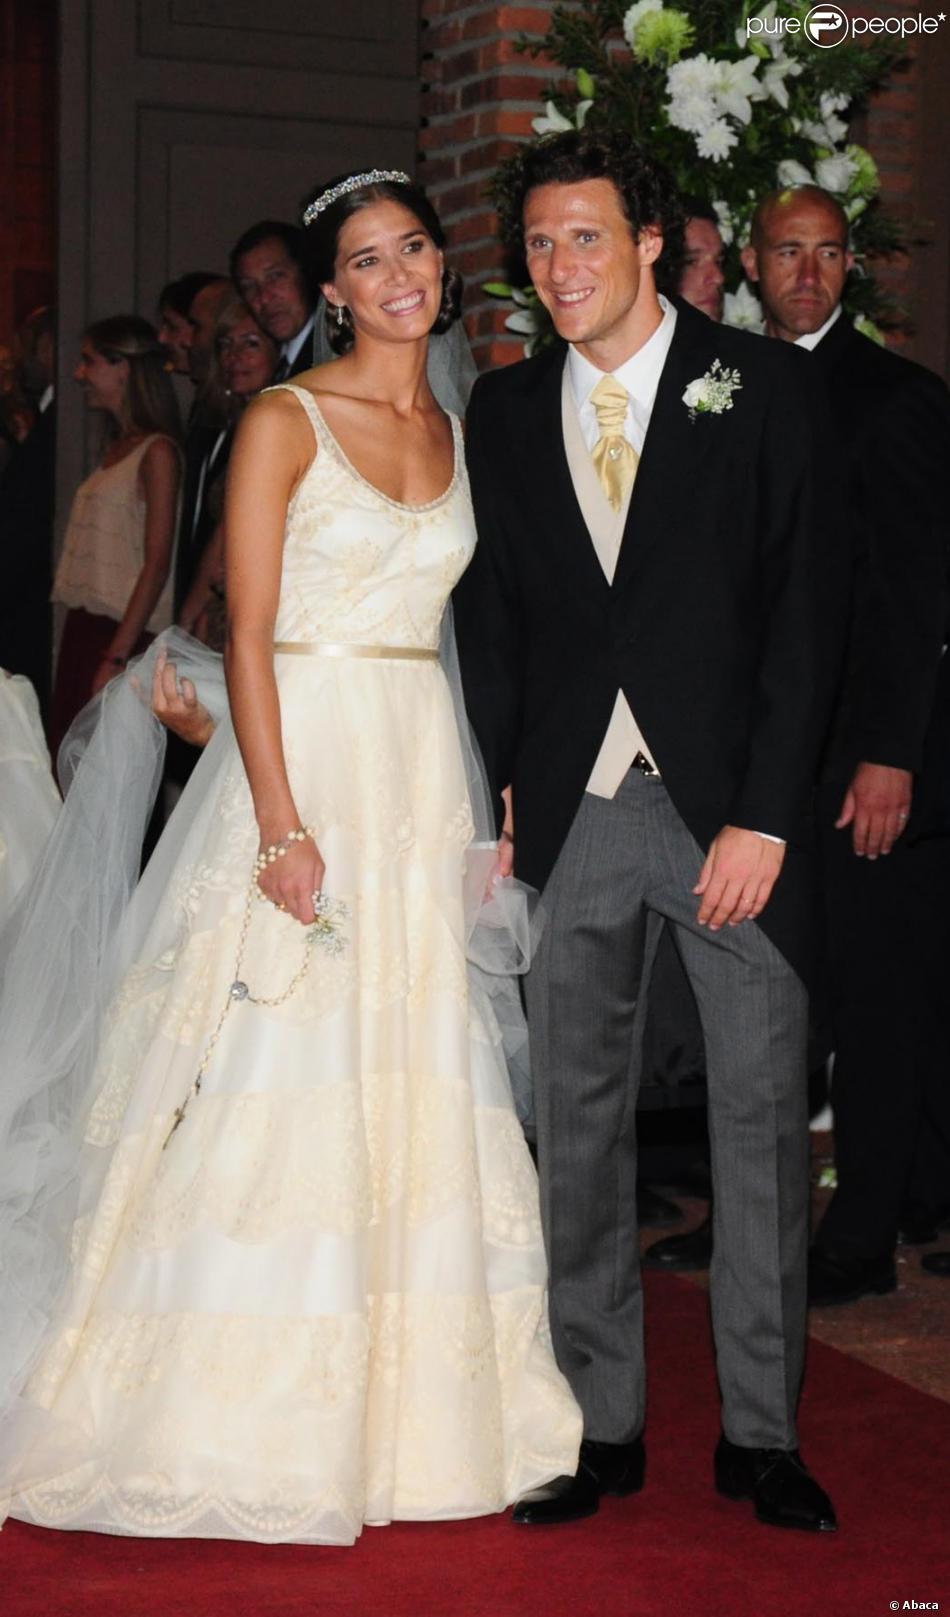 Diego Forlan et Paz Cardoso lors de leur mariage à Montevideo le 12 décembre 2013.